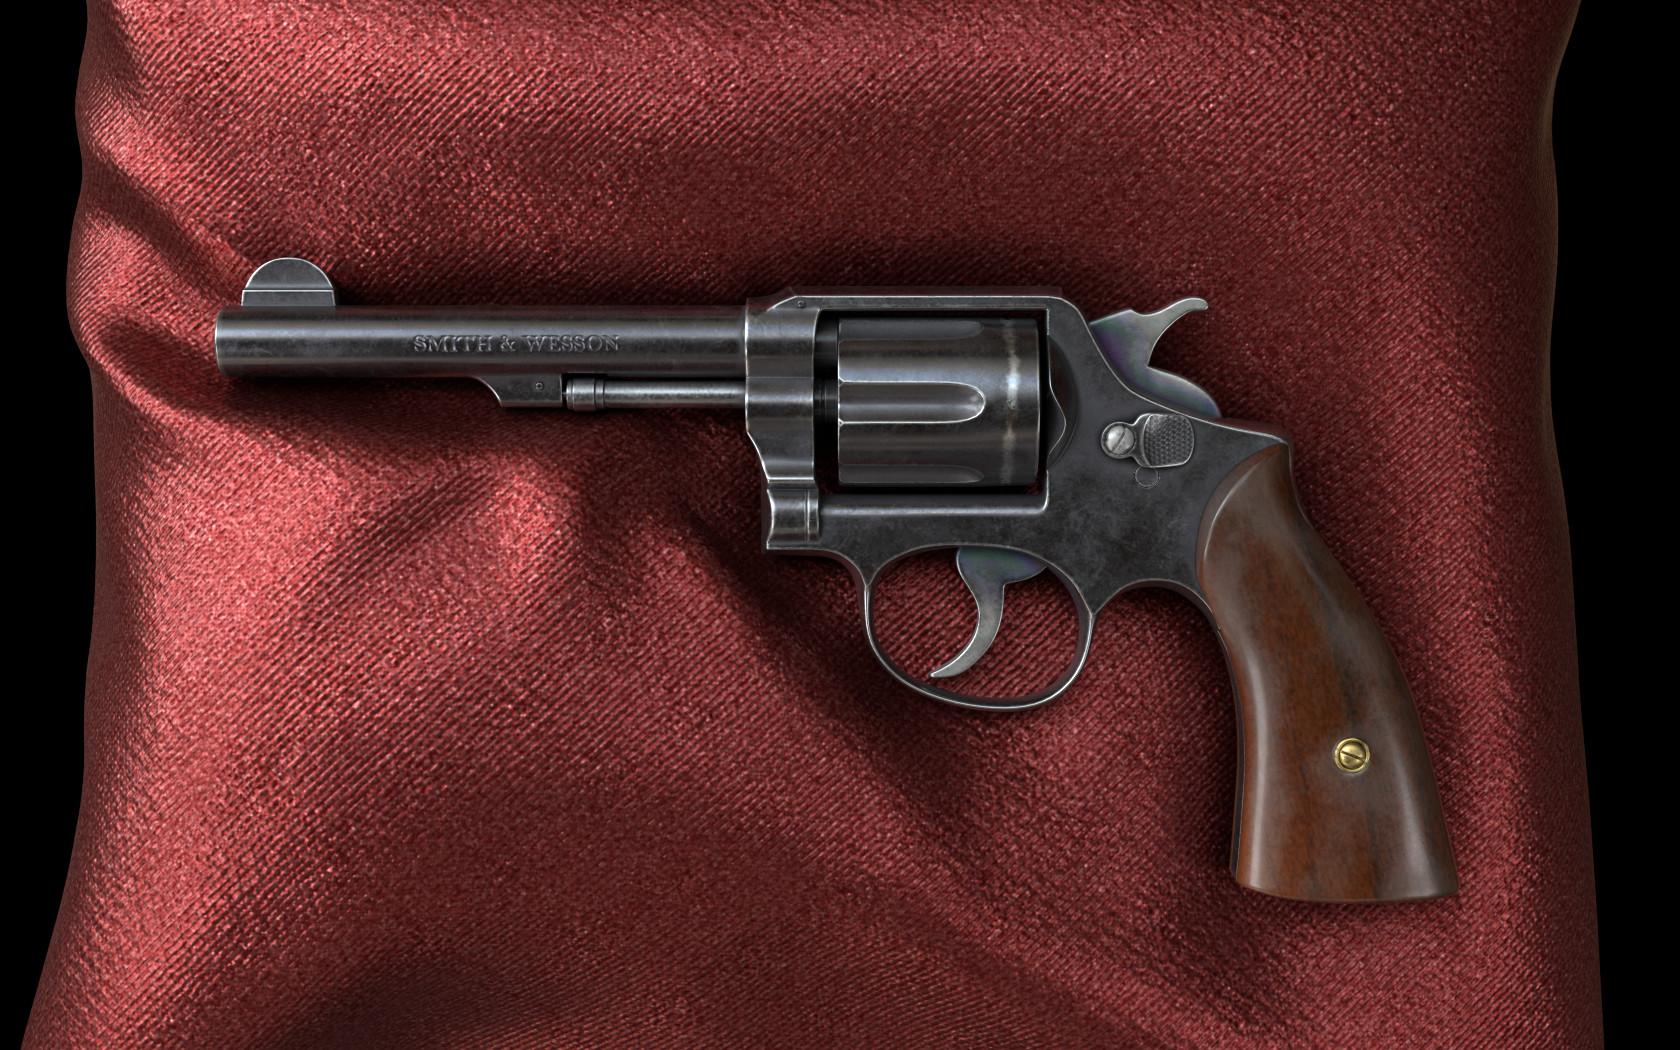 ArtStation - Smith & Wesson Revolver, Andrew Nekrasov